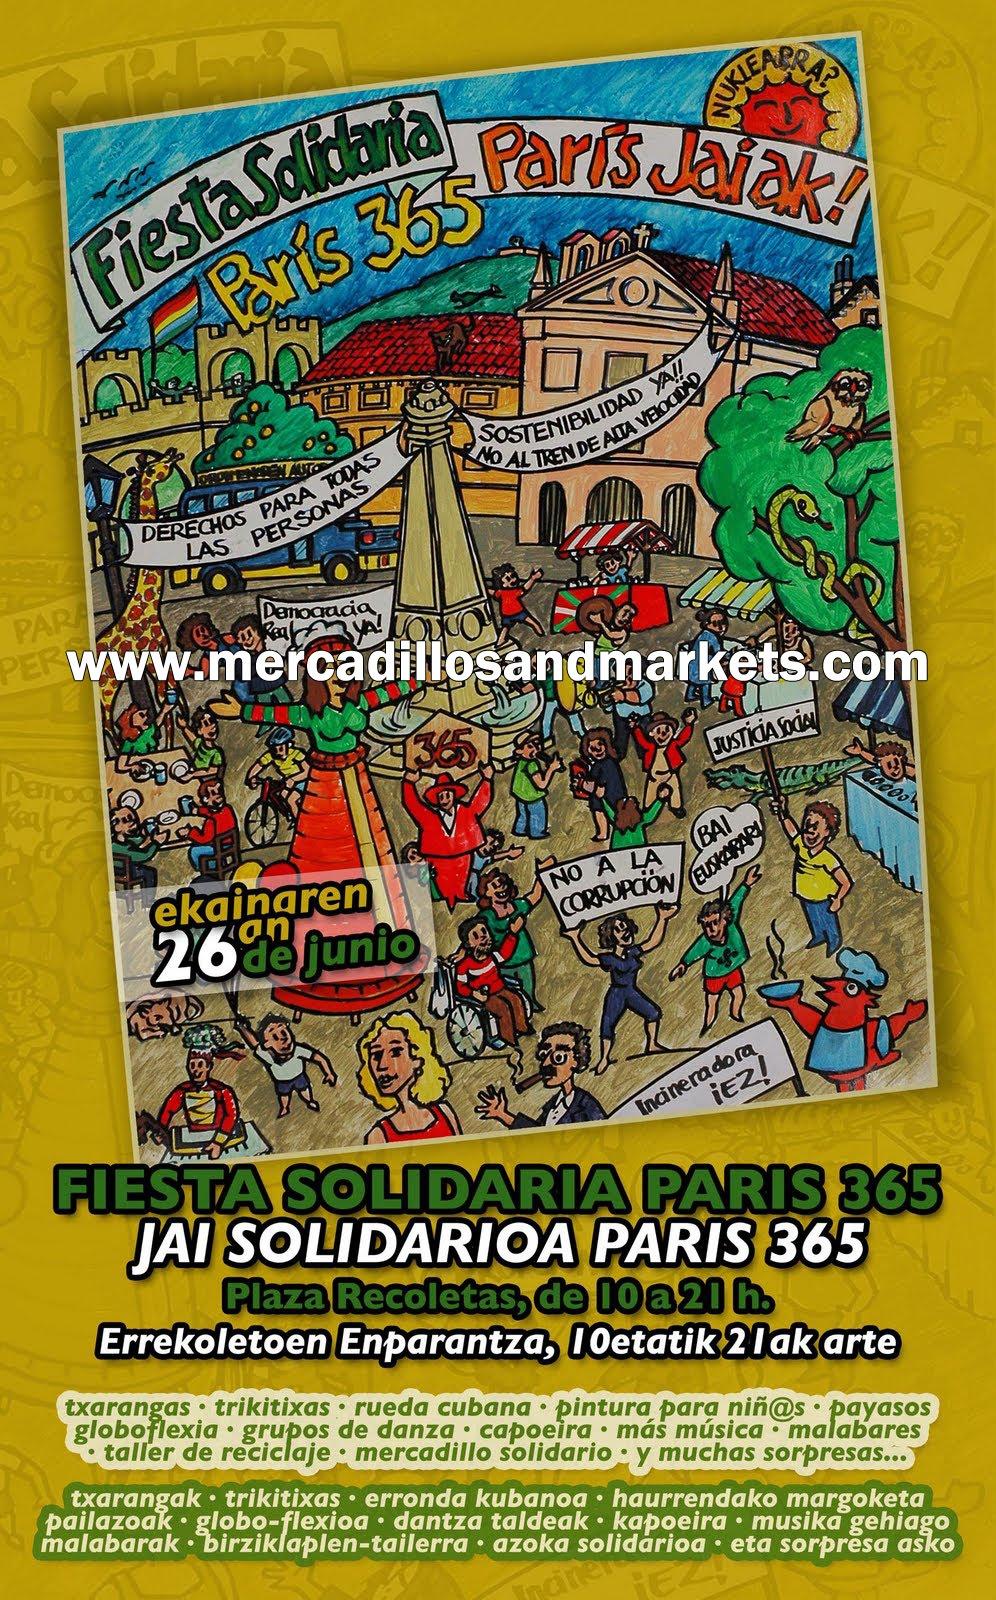 Mercadillos and markets mercadillo solidario par s 365 - Comedor solidario paris 365 ...